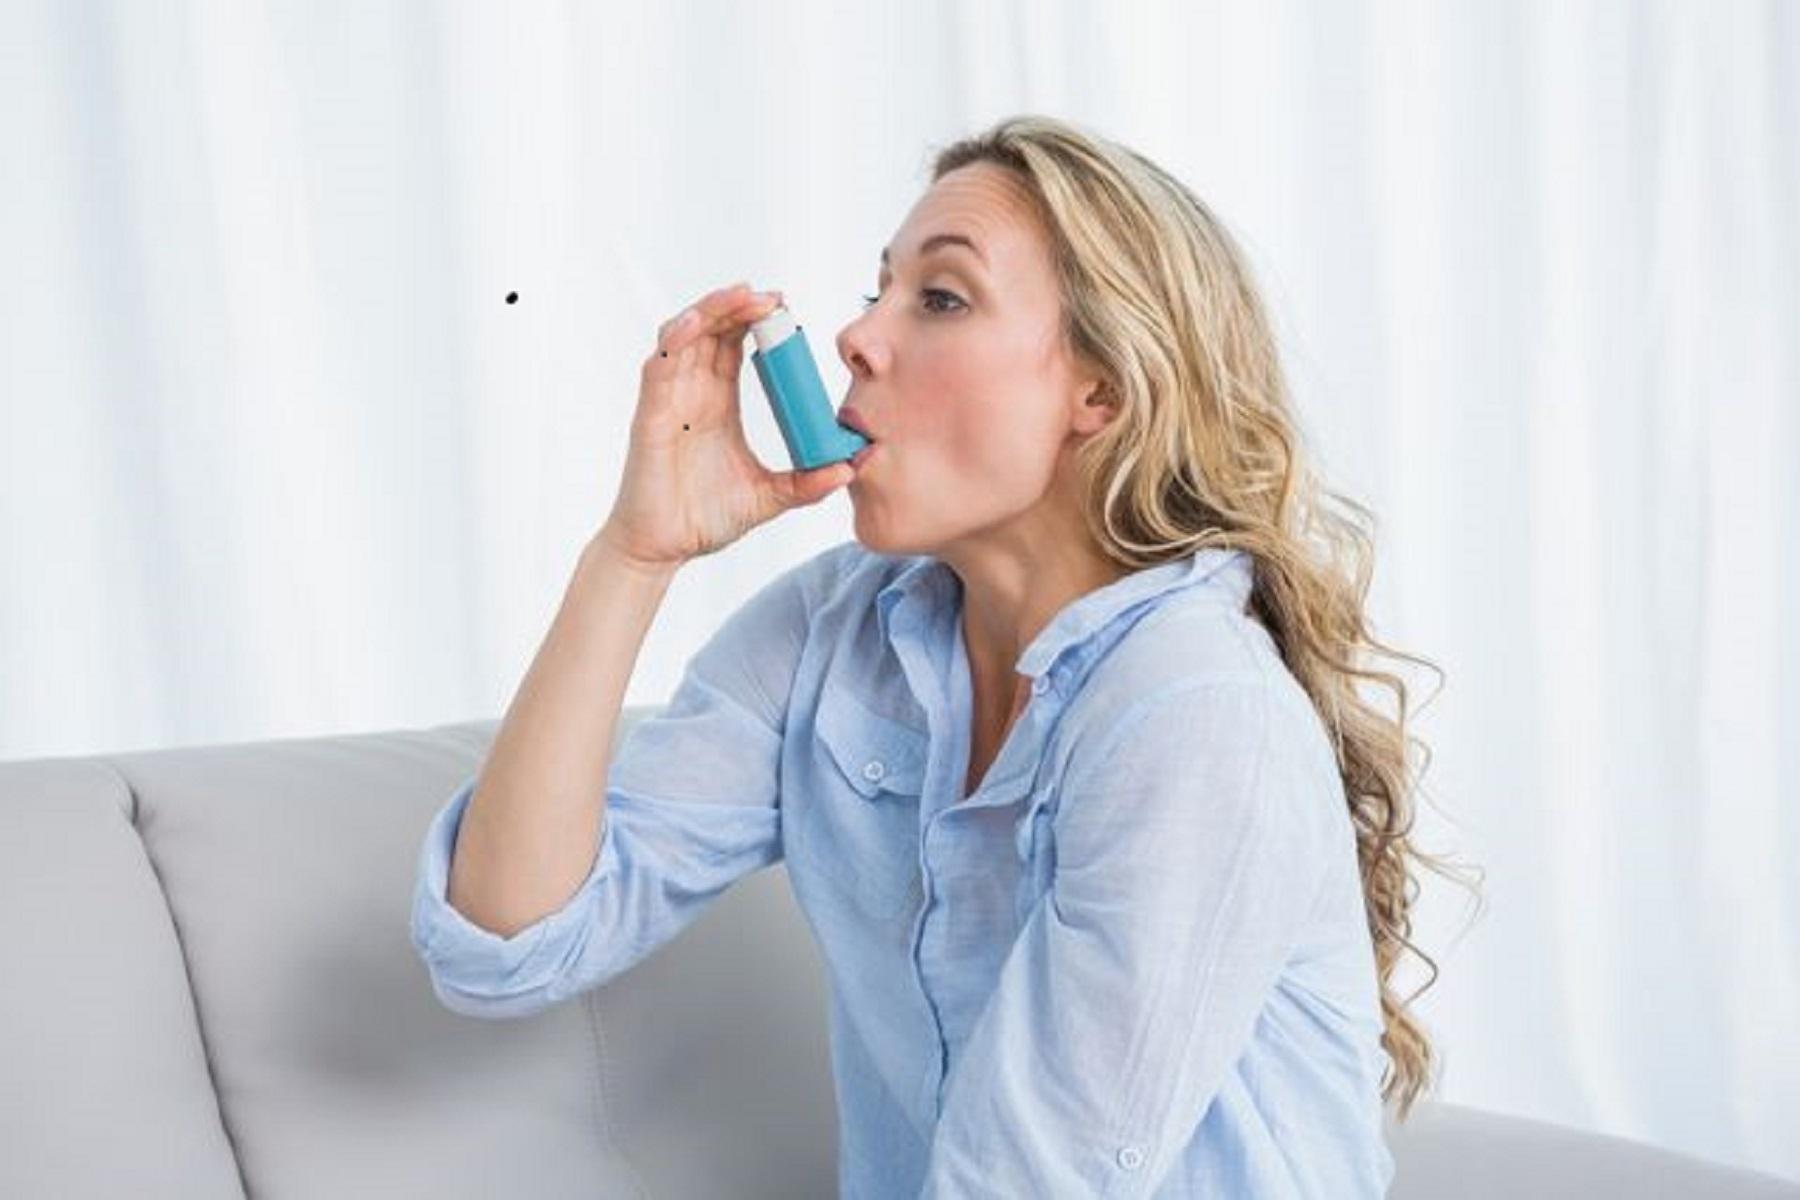 Νορβηγία Μελέτη περίοδος: Σχέση μεταξύ ακανόνιστου εμμηνορρυσιακού κύκλου και άσθματος